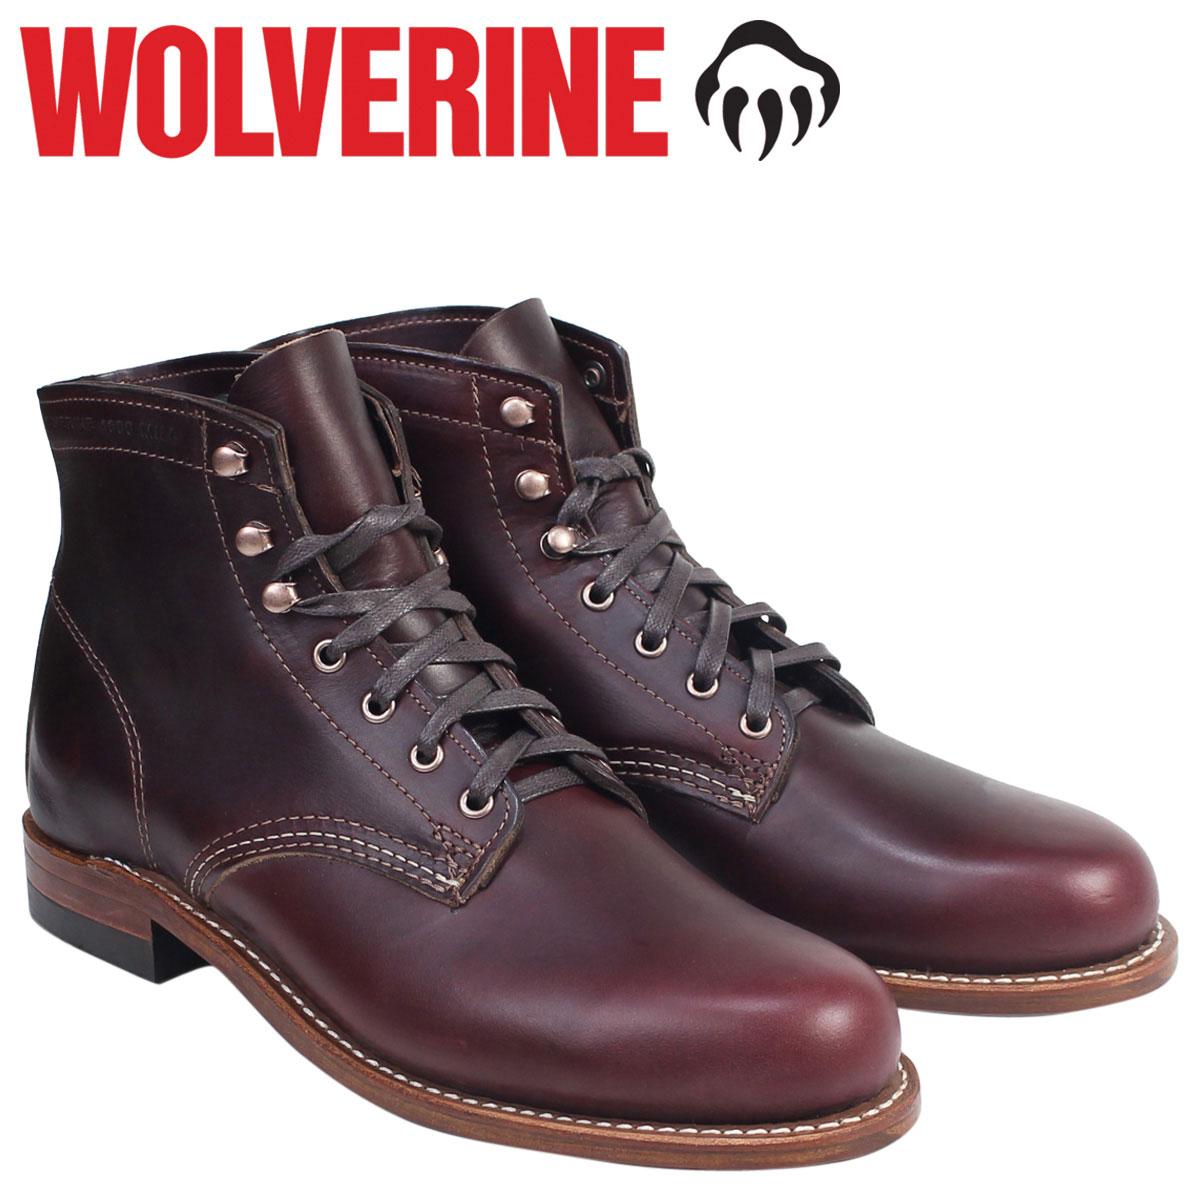 WOLVERINE 1000マイル ブーツ ウルヴァリン 1000MILE ワークブーツ BOOT NO 8 W00137 コードバン メンズ